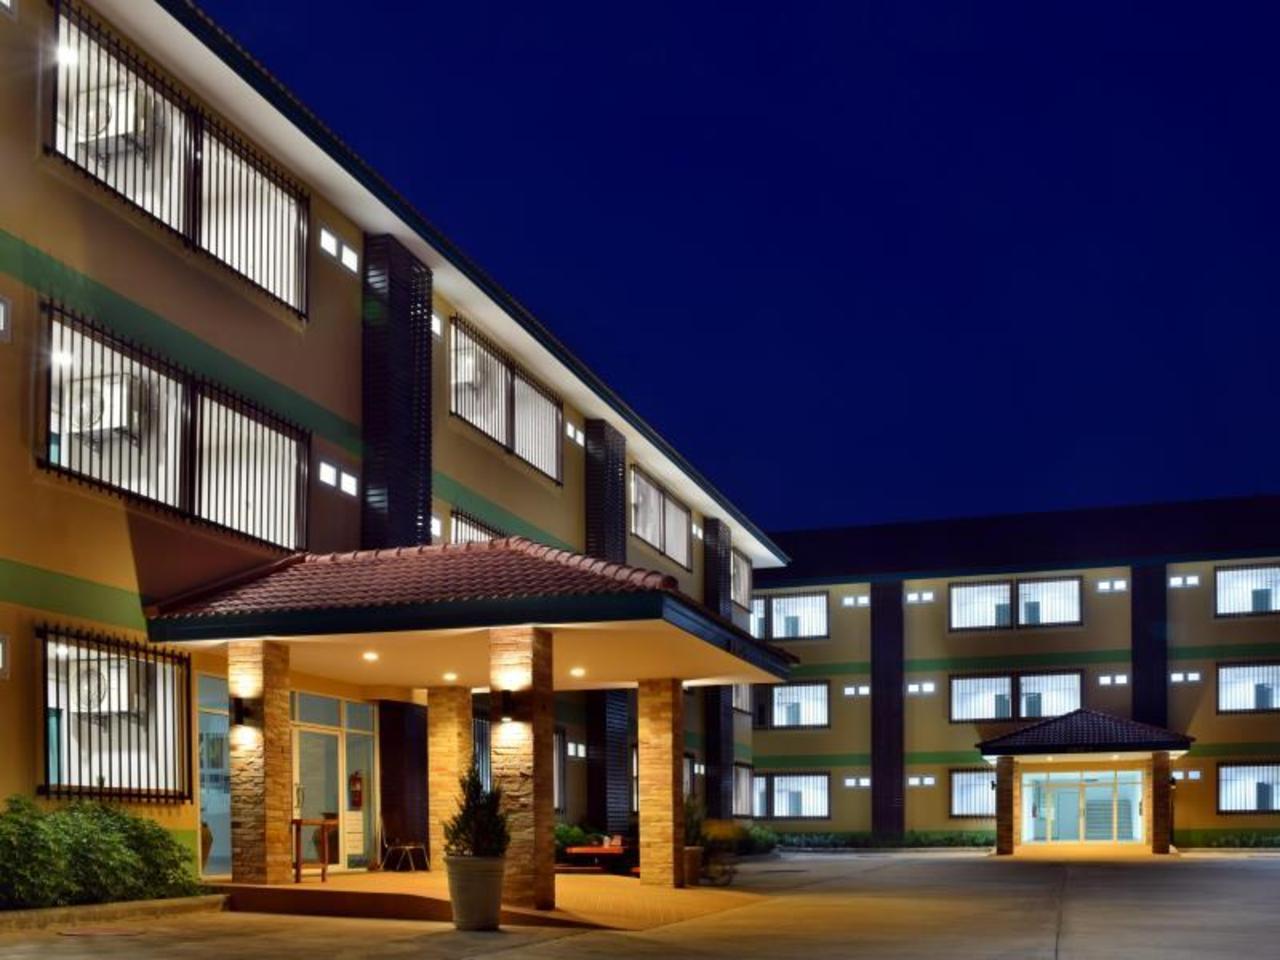 แก้วฟ้าใส ที่พัก (Kaeo Fa Sai Apartments)